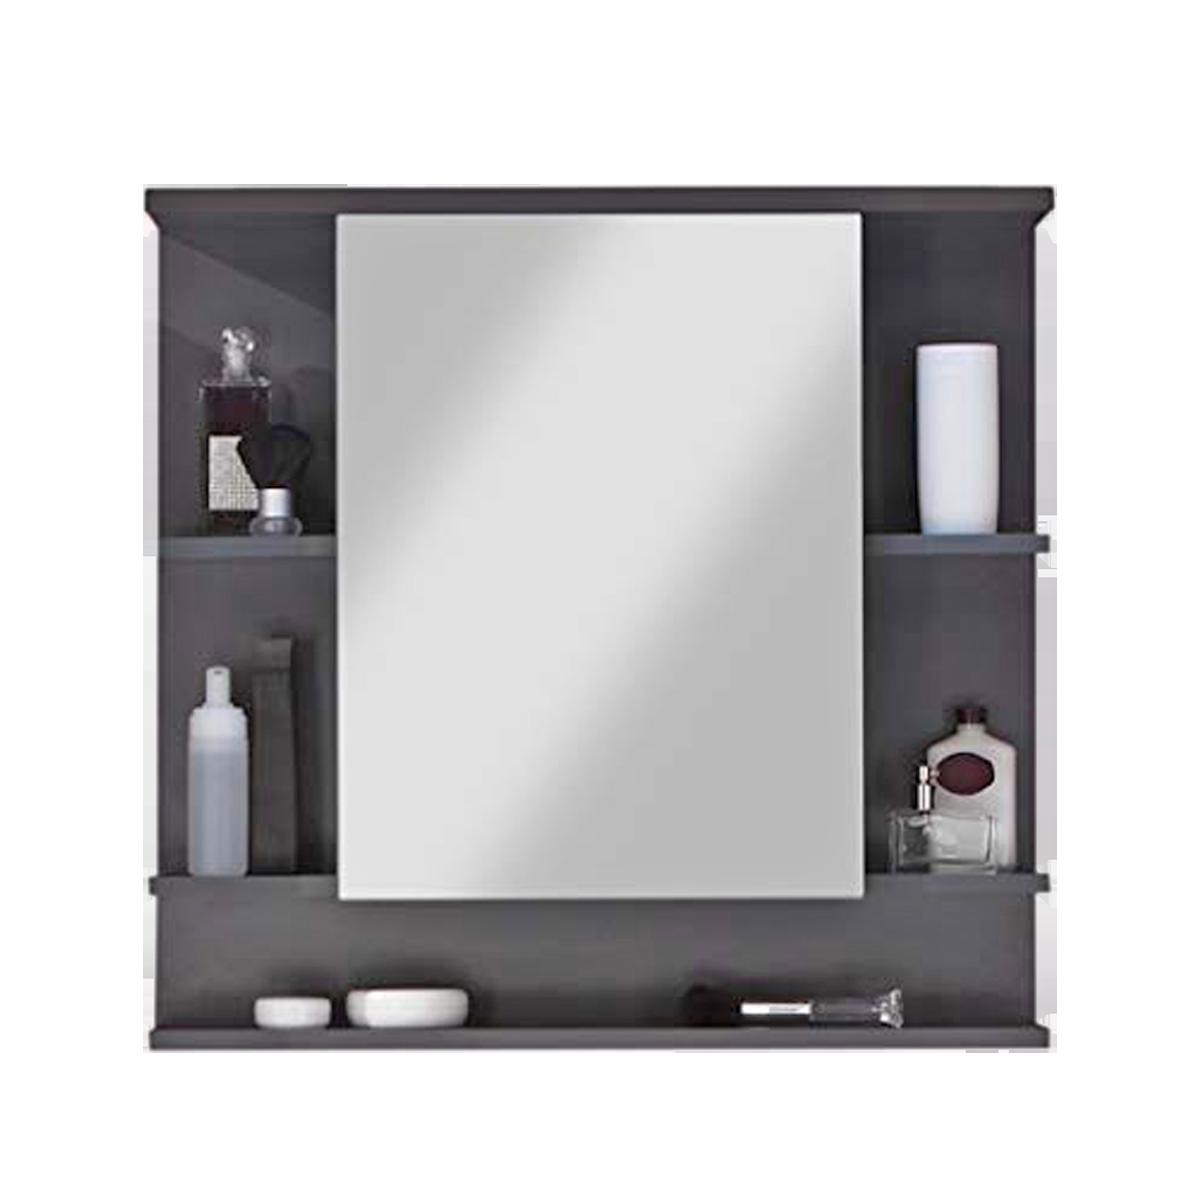 Trendteam Tetis Badmöbel Spiegelschrank mit offenen Fächern Korpus Grau